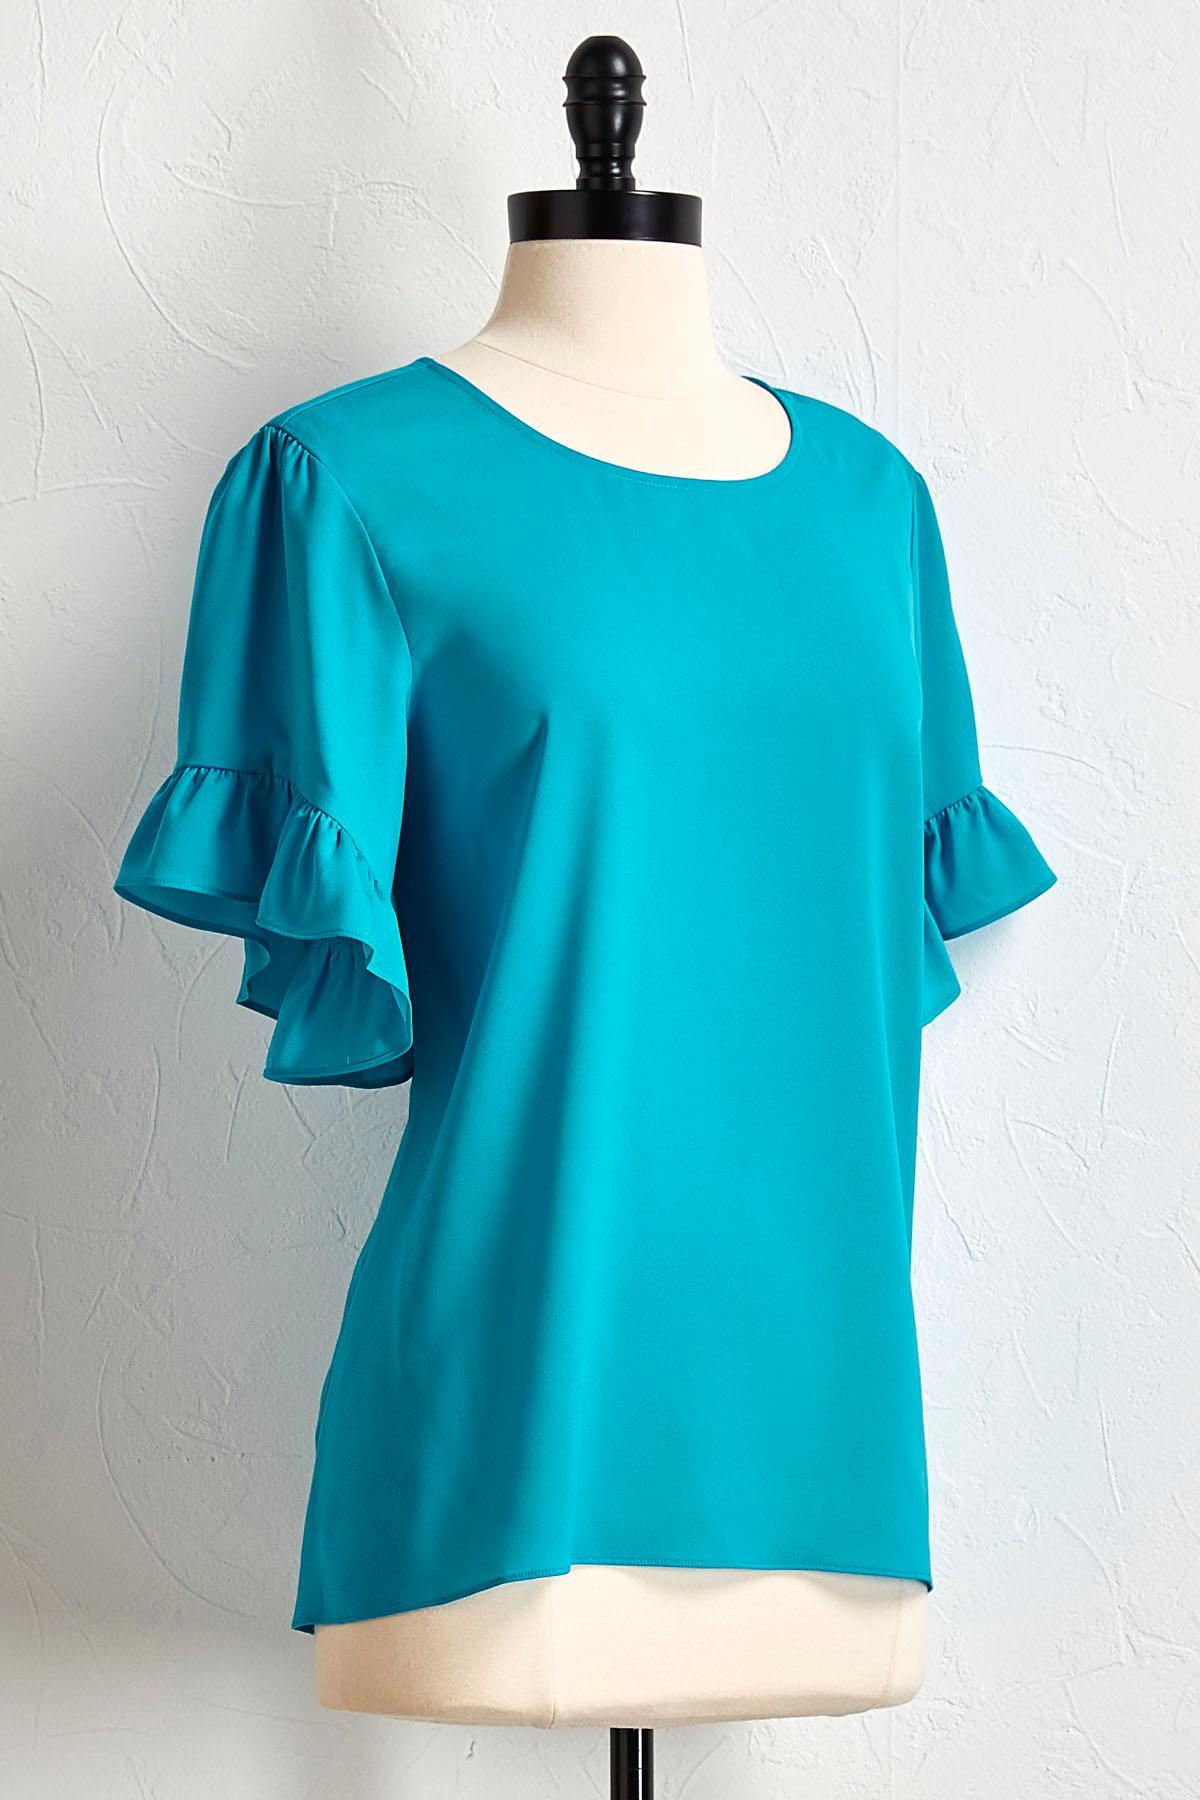 Ocean Blue Ruffled Sleeve Top